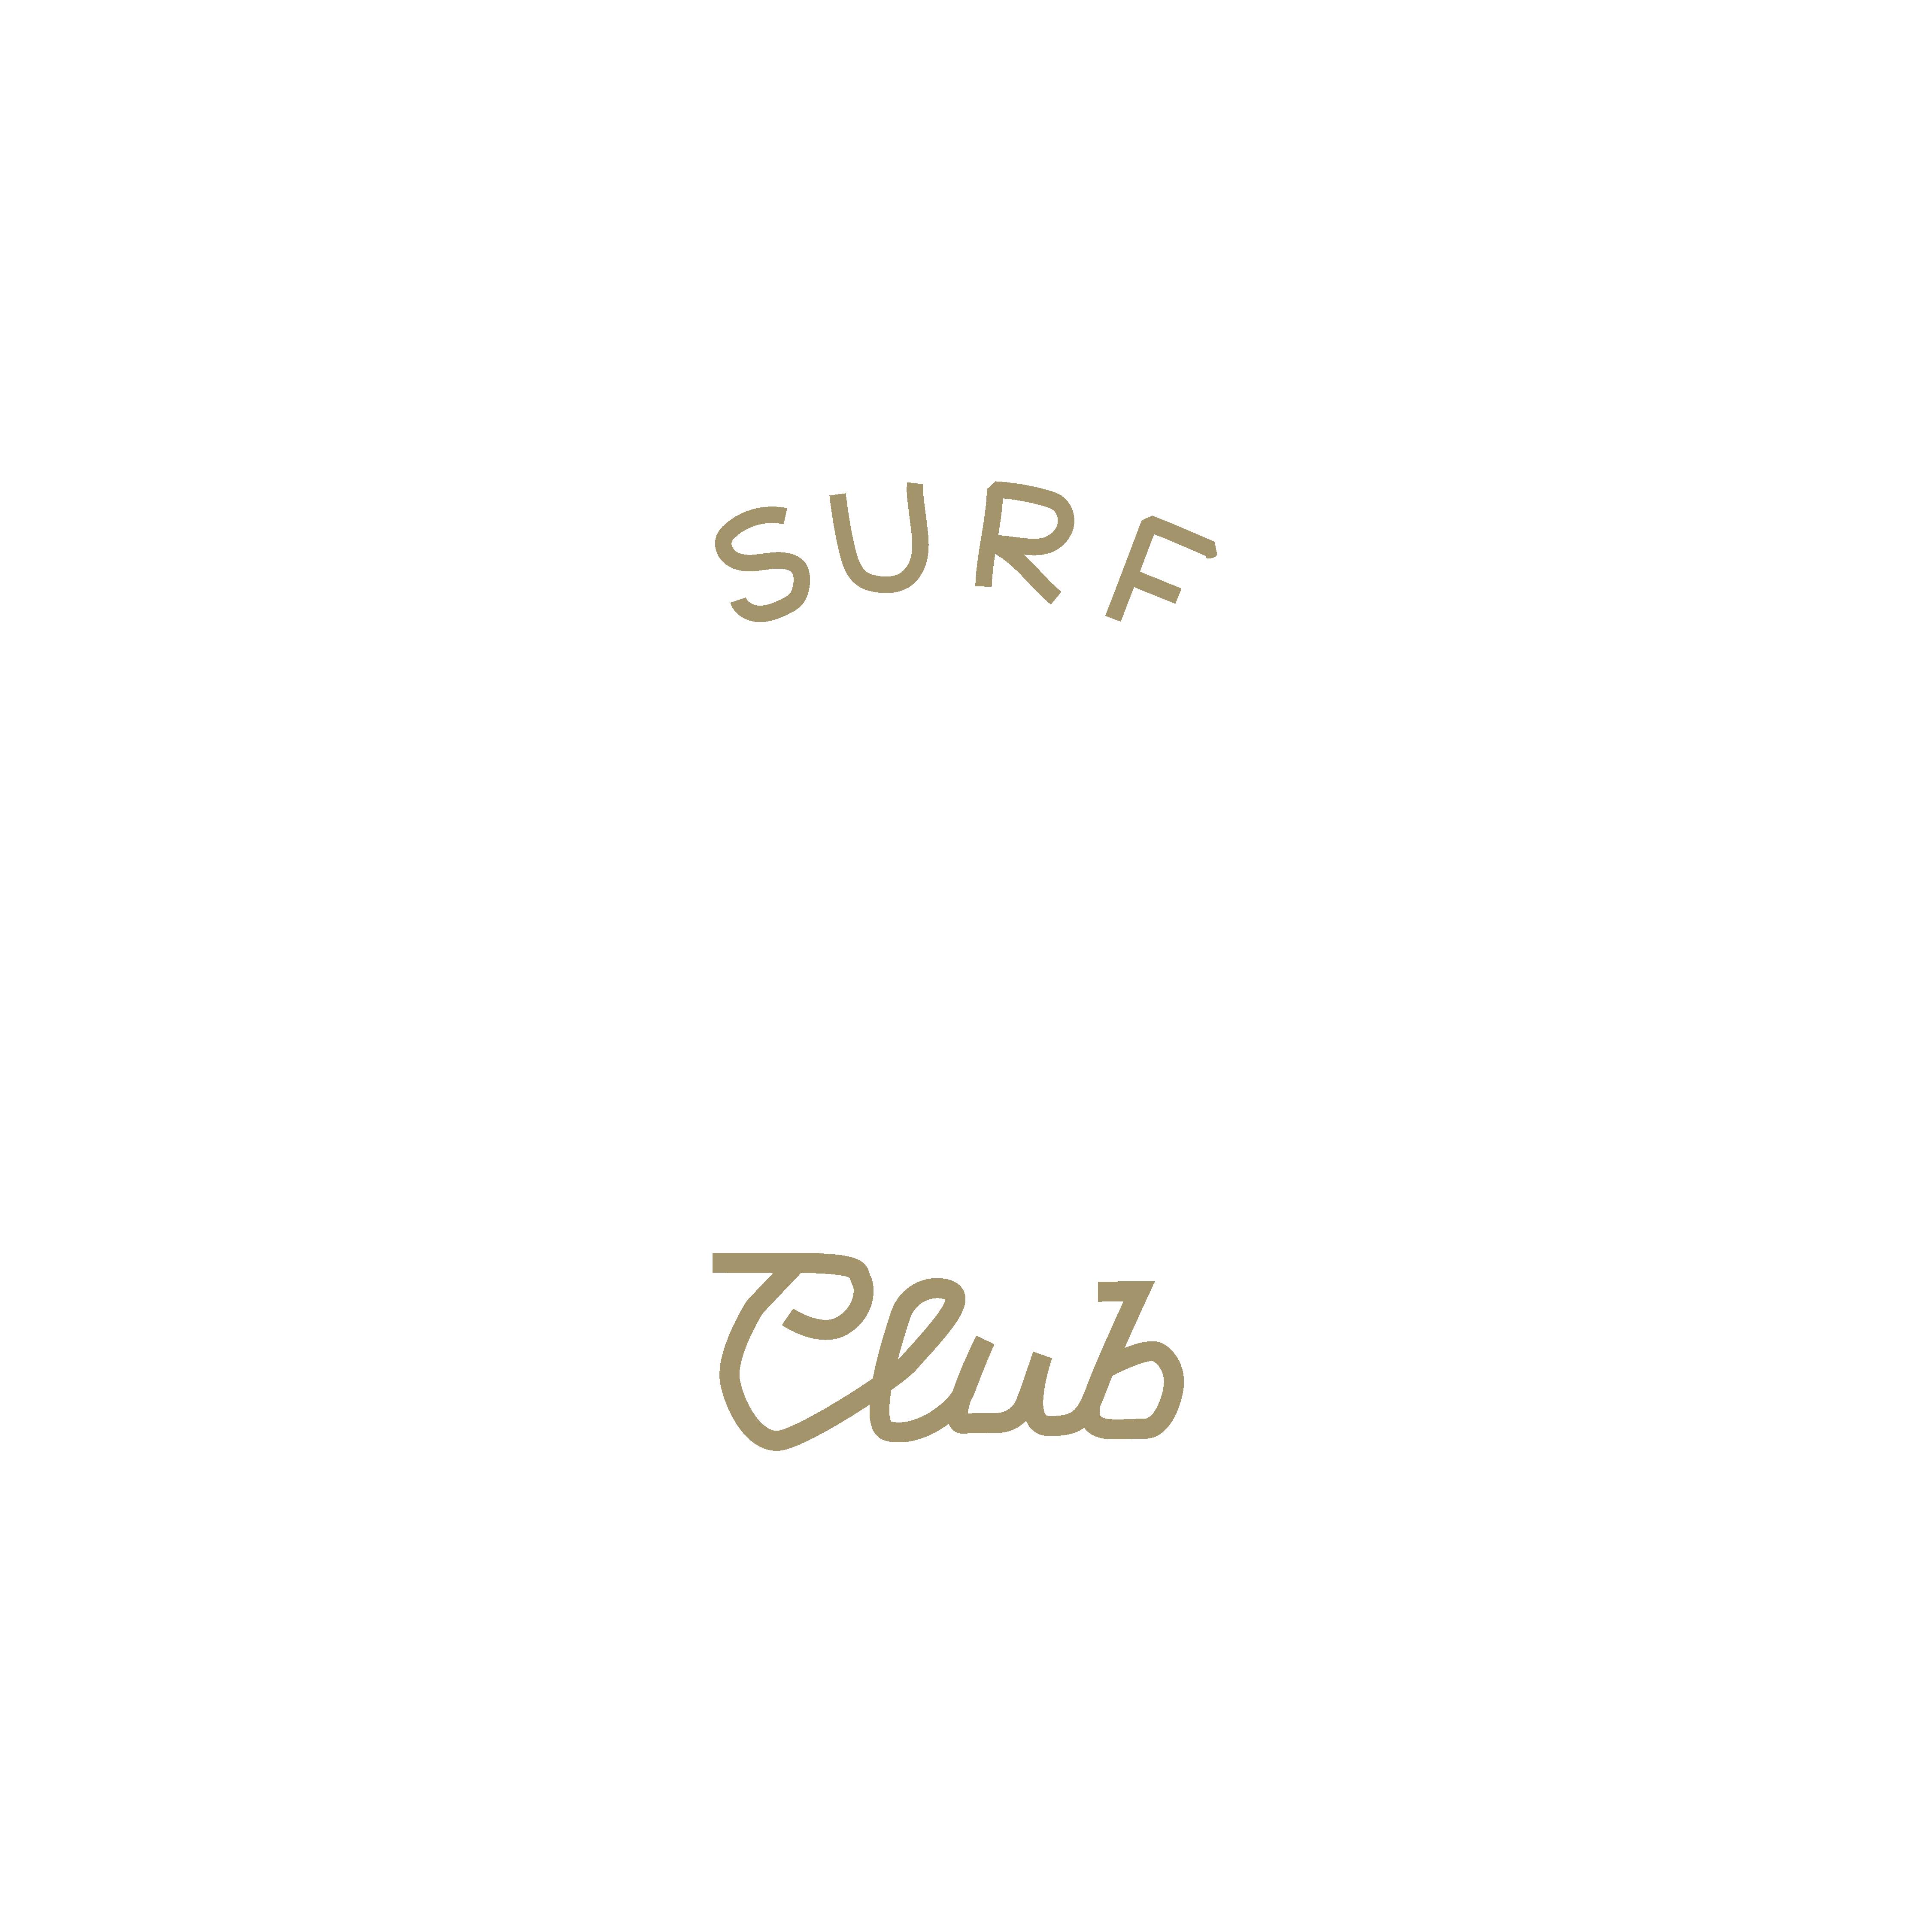 Grove Surf Club